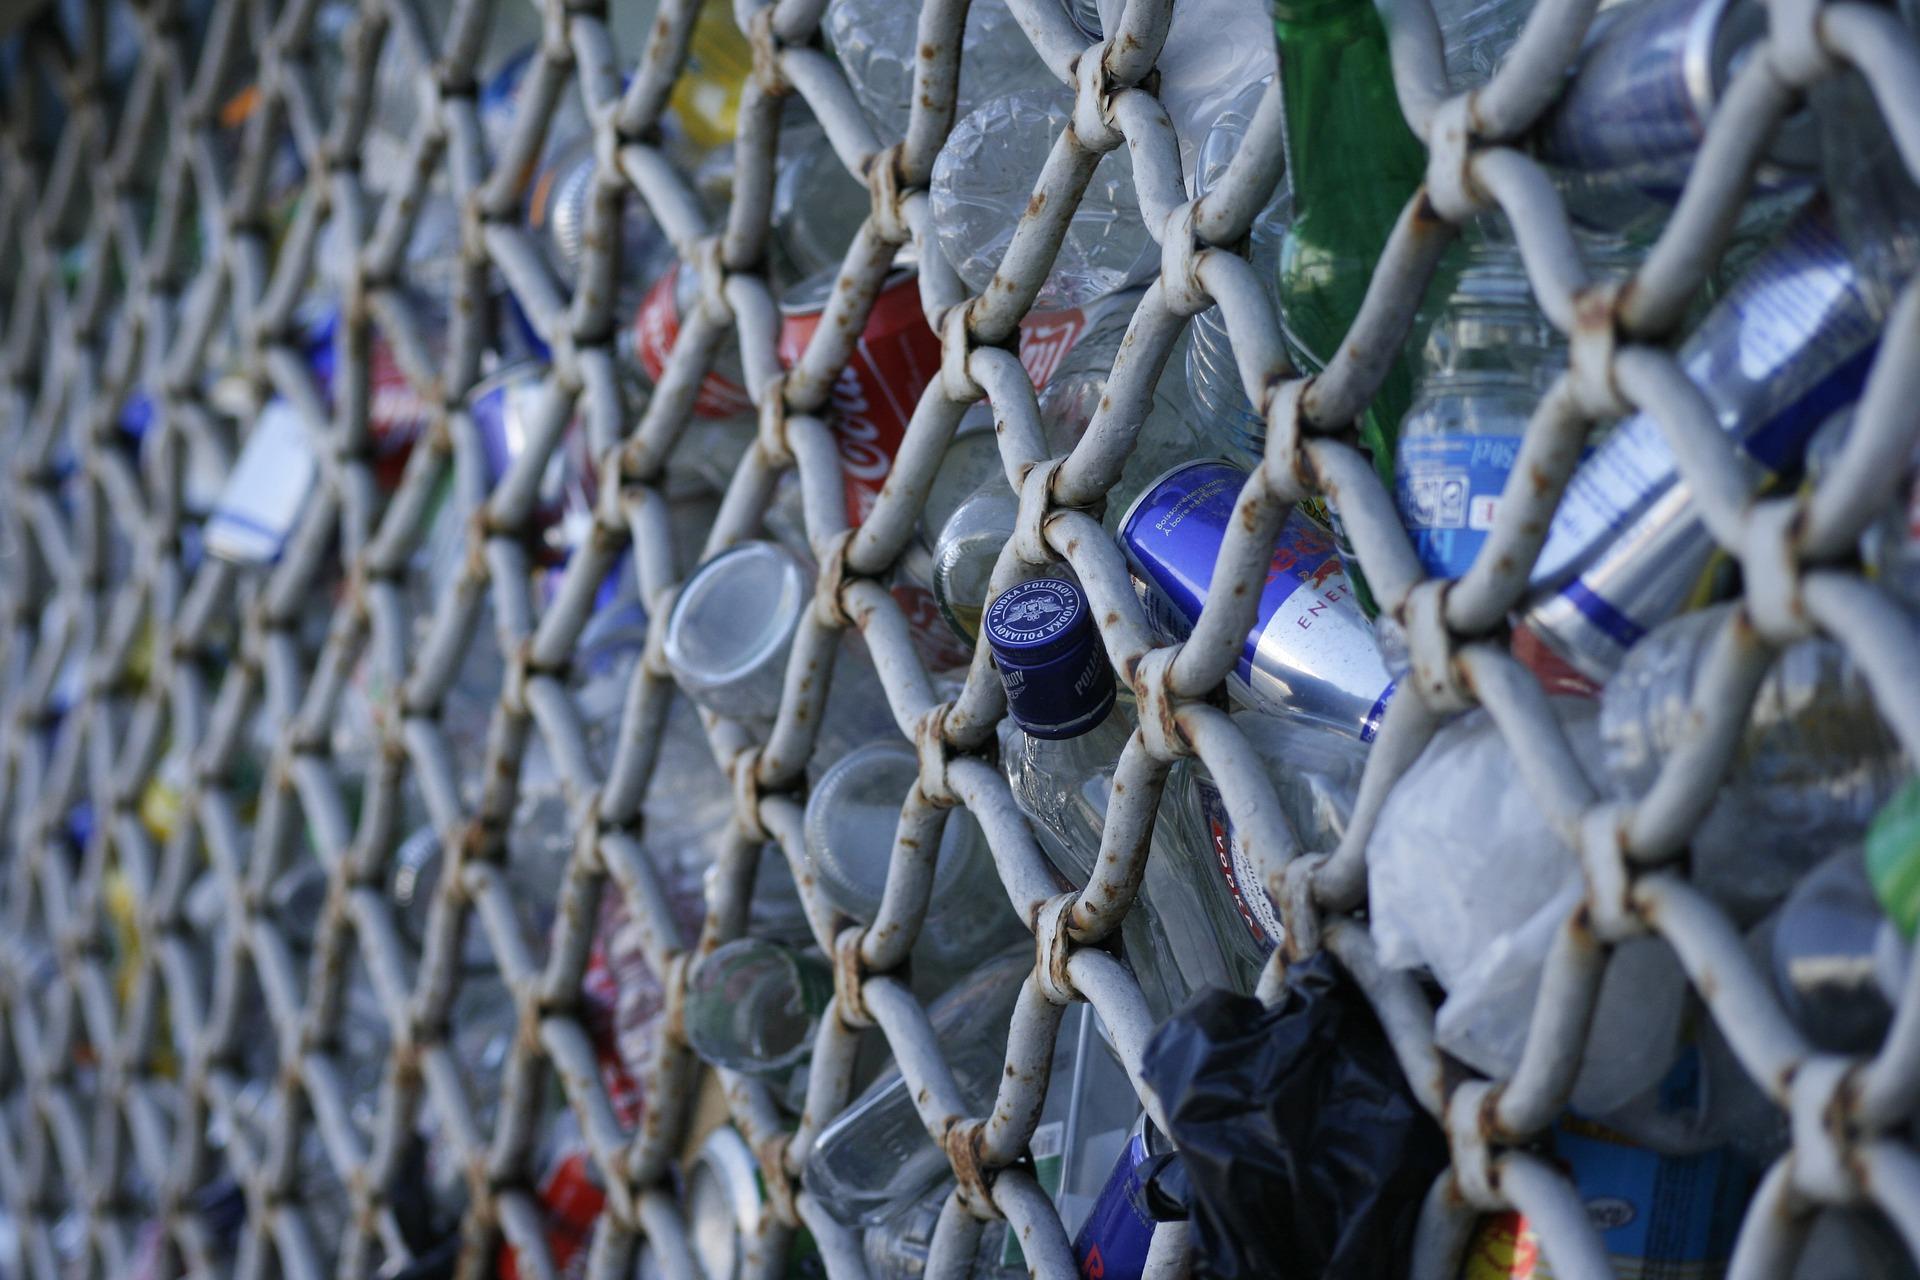 El arte de construir casas con residuos de plástico